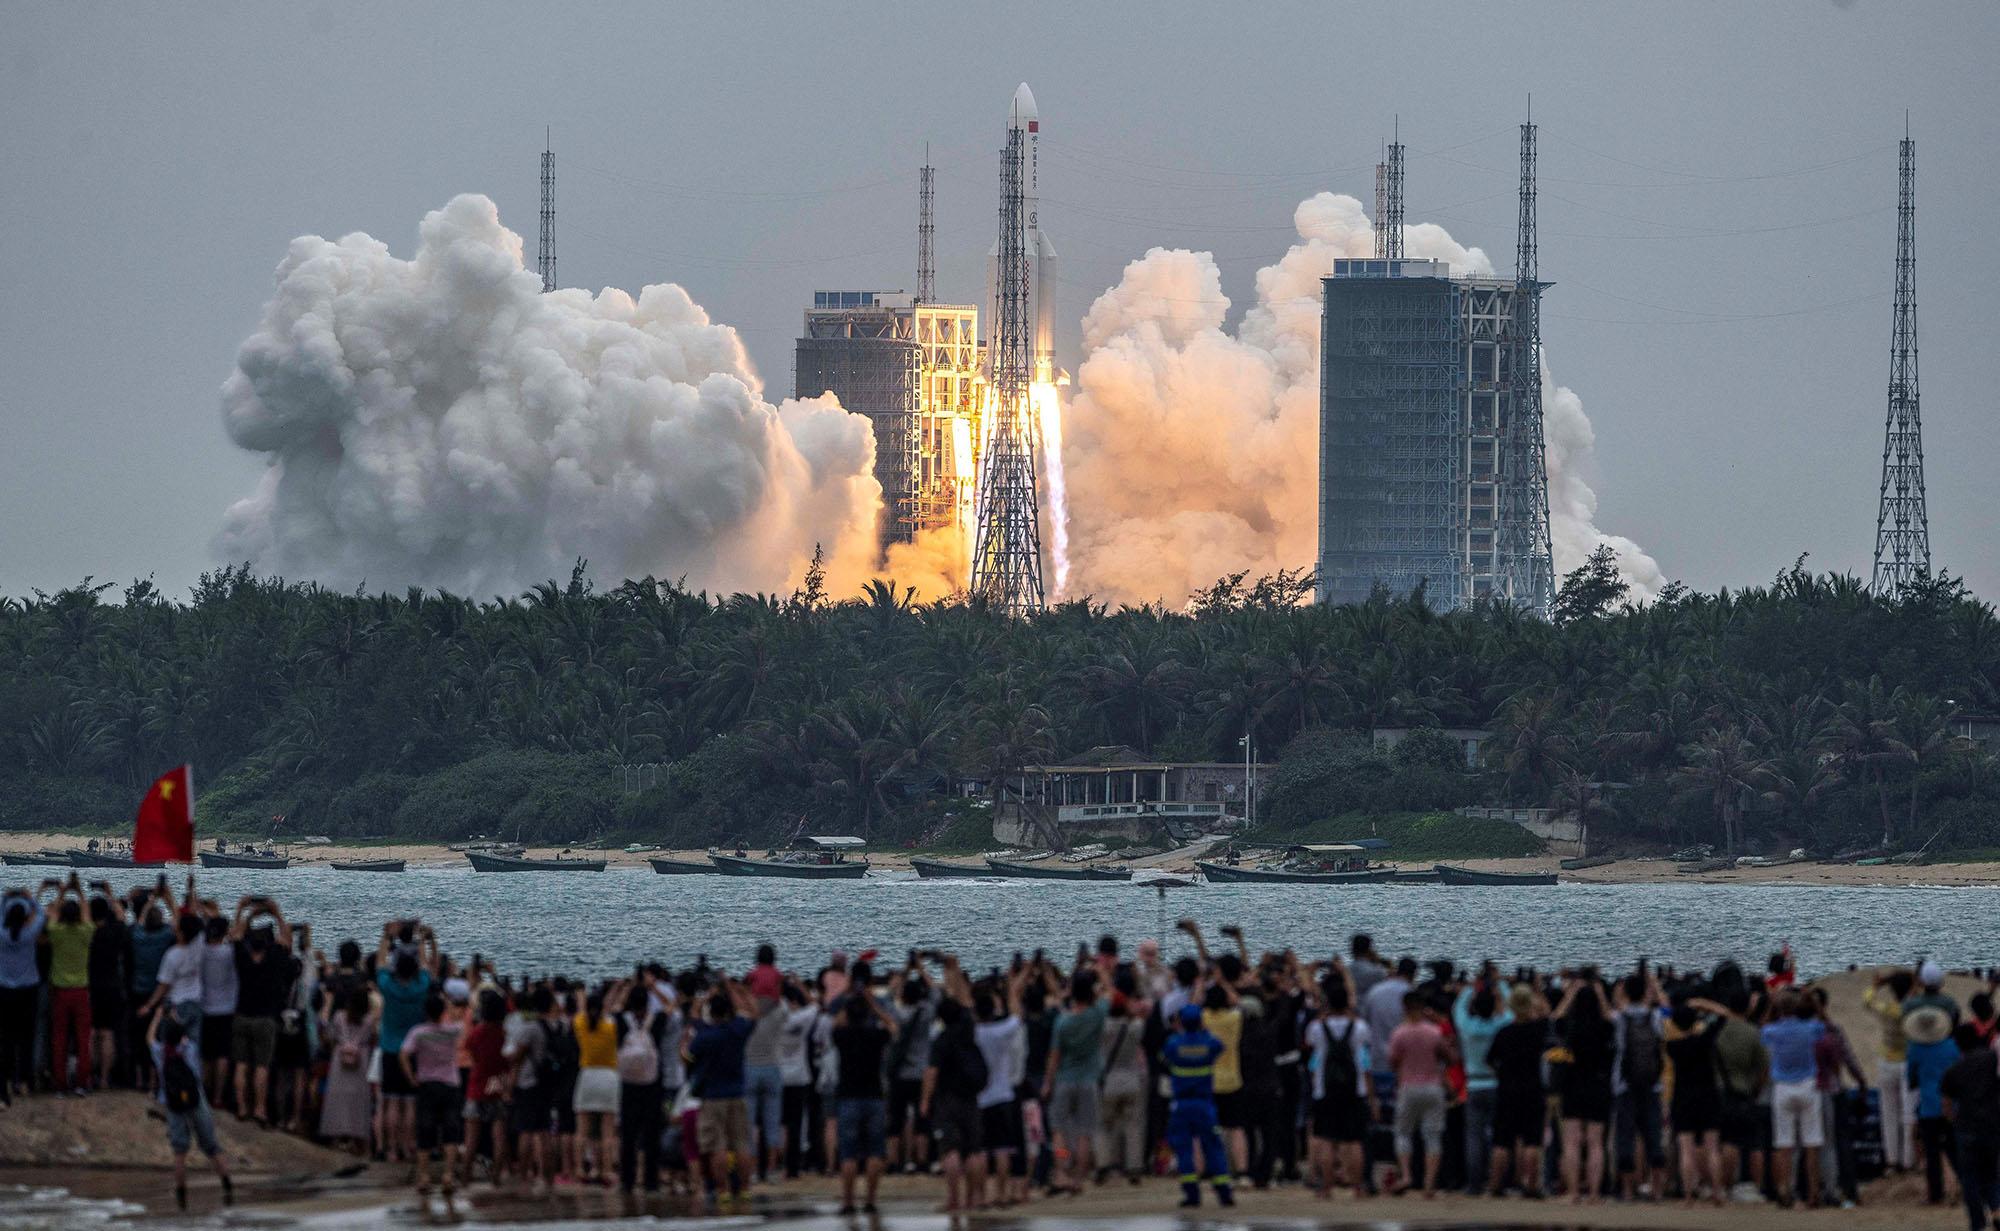 يشاهد الناس صاروخ Long March 5B ، الذي يحمل الوحدة الأساسية لمحطة Tianhe الفضائية الصينية ، وهو ينطلق من مركز Wenchang للإطلاق الفضائي في مقاطعة هاينان جنوب الصين في 29 أبريل 2021 (مصدر الصورة: STR / AFP / Getty)